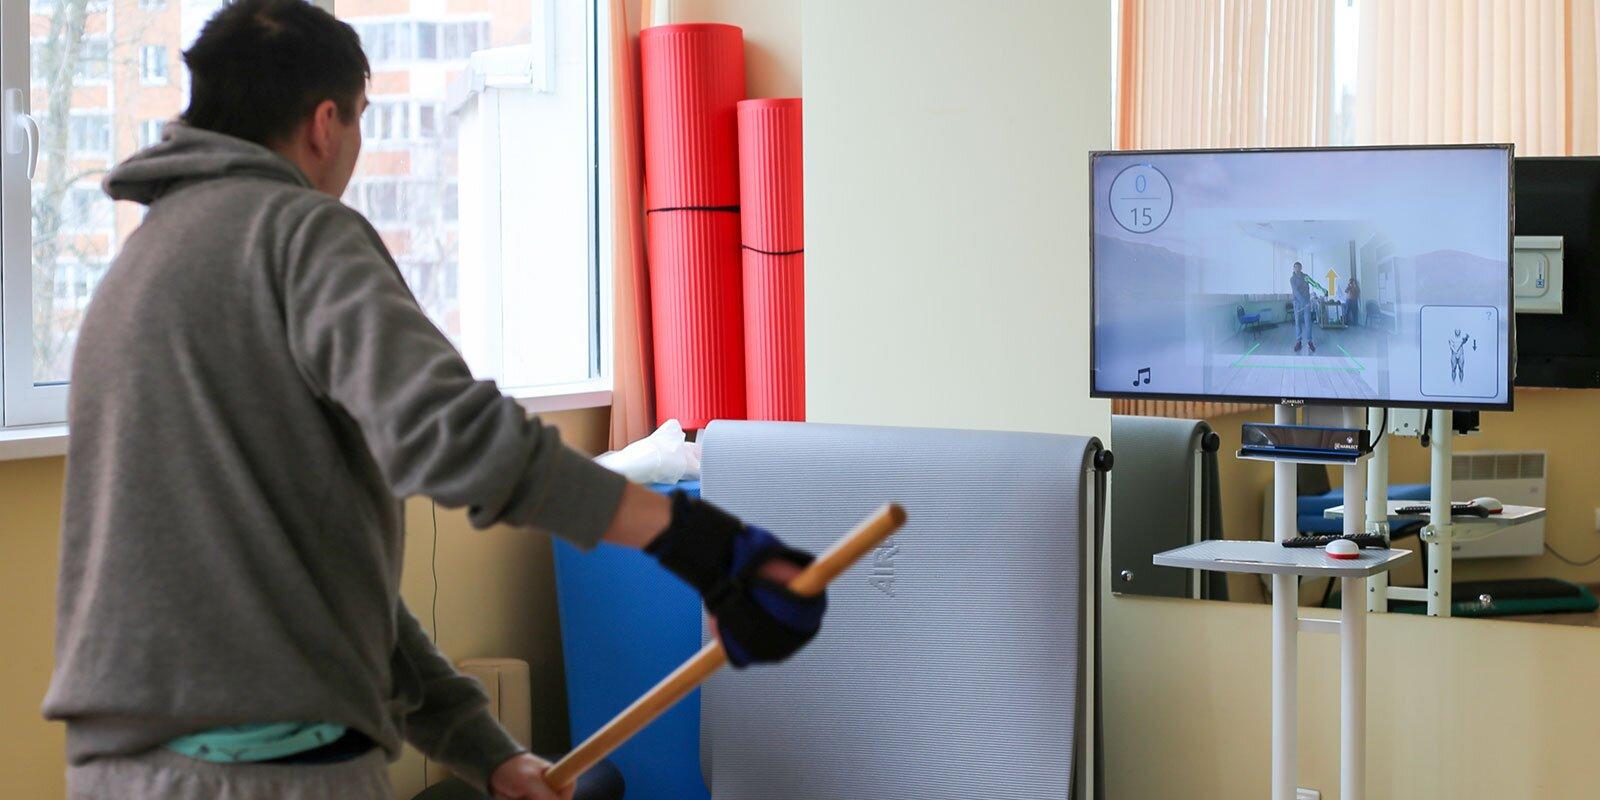 Интерактивные тренировки для реабилитации после инсульта: в столице начали тестировать уникальный тренажер